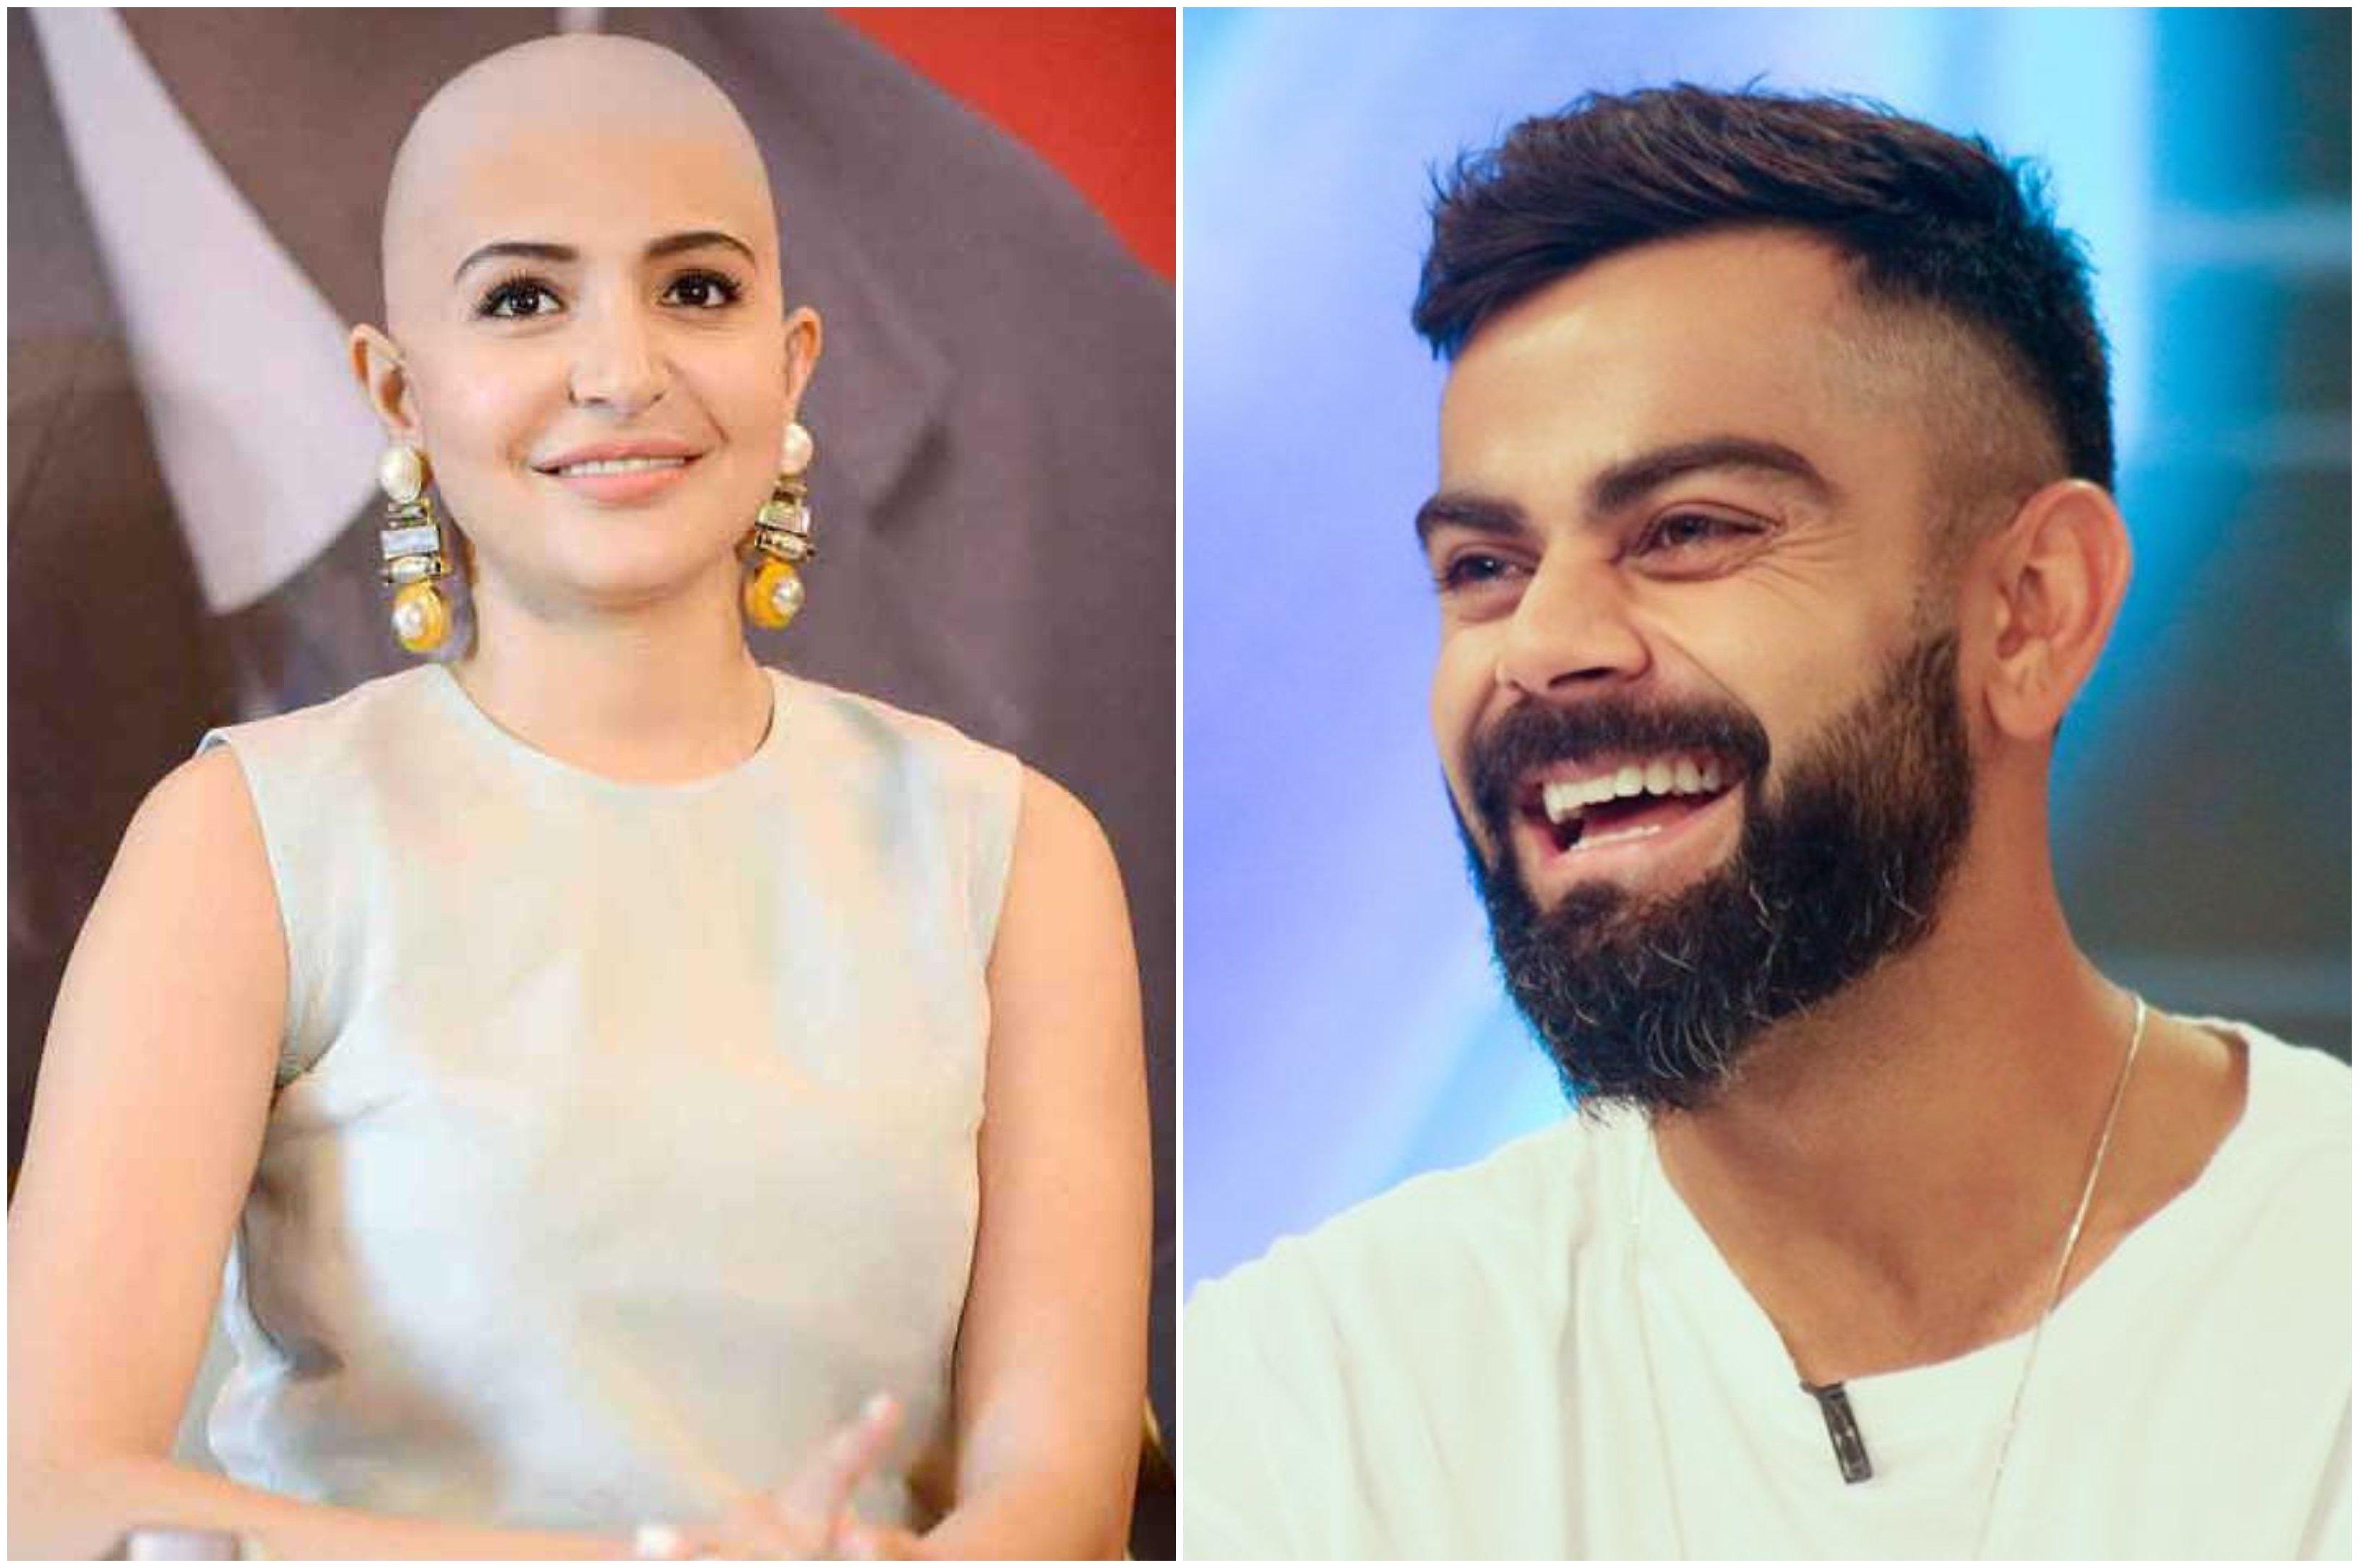 virat kohli s favourite scene of anushka sharma is of her battling cancer